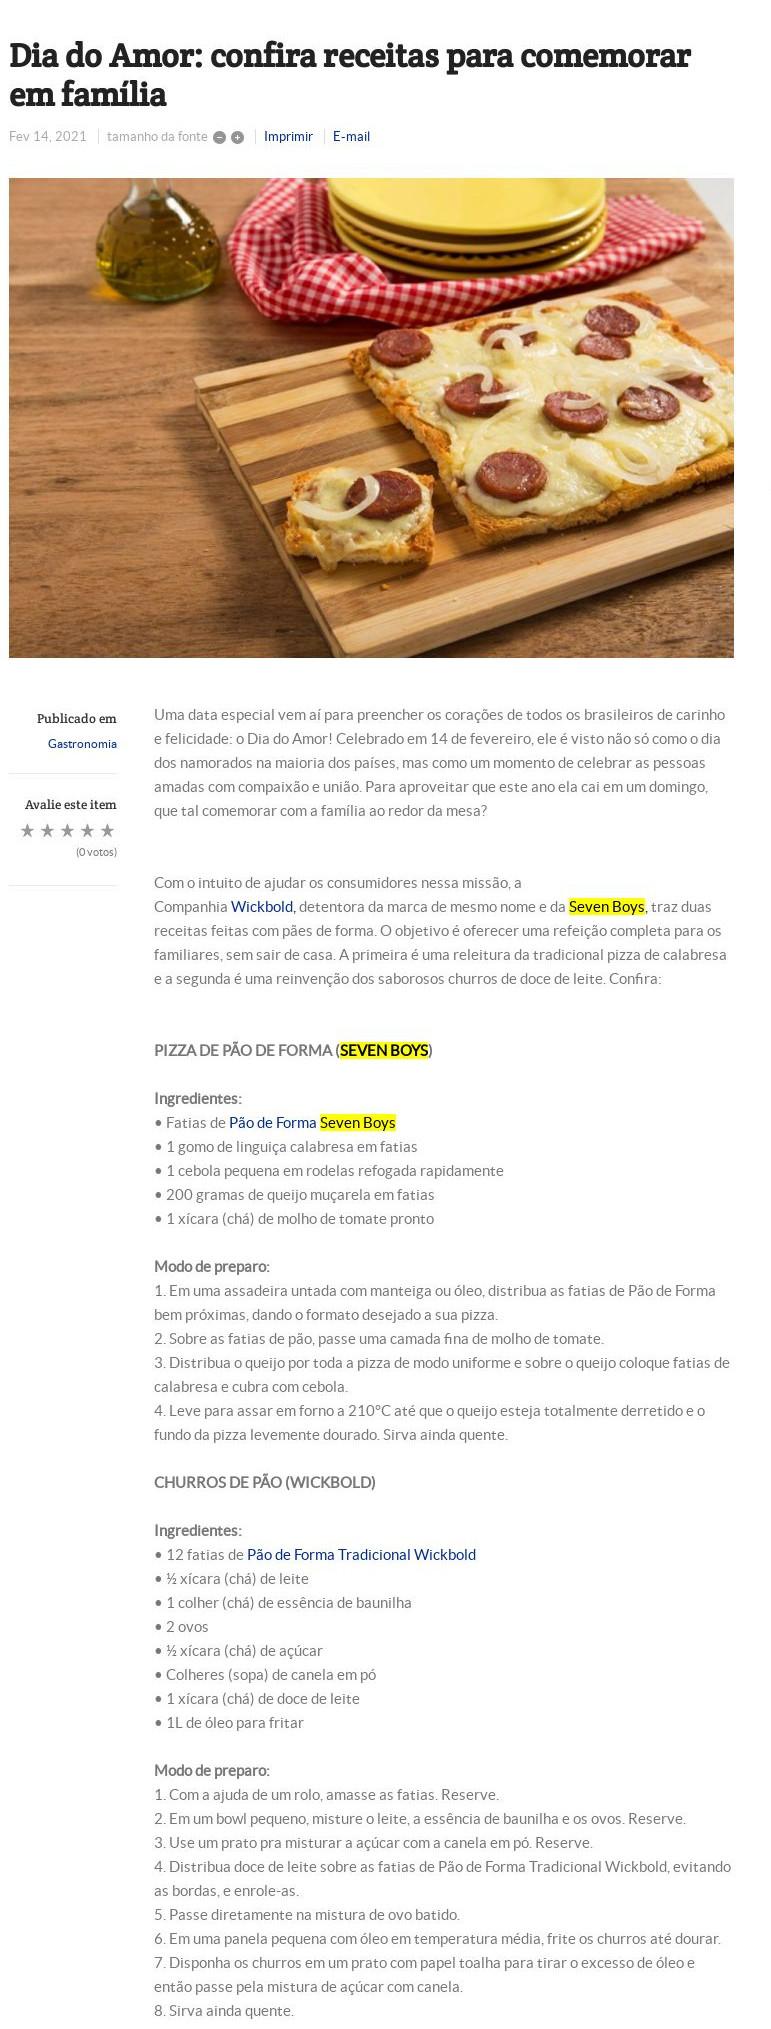 Dia do Amor: confira receitas para comemorar em família - Folha do ABC